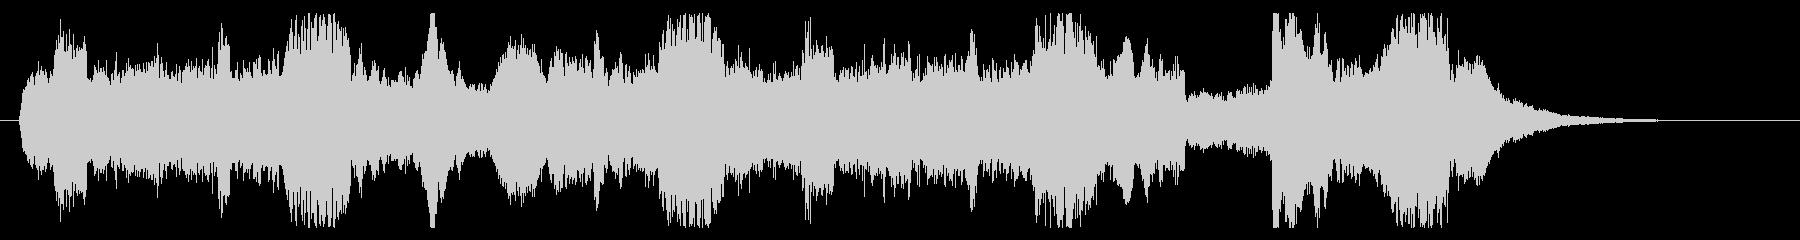 場面転換用ジングル1の未再生の波形